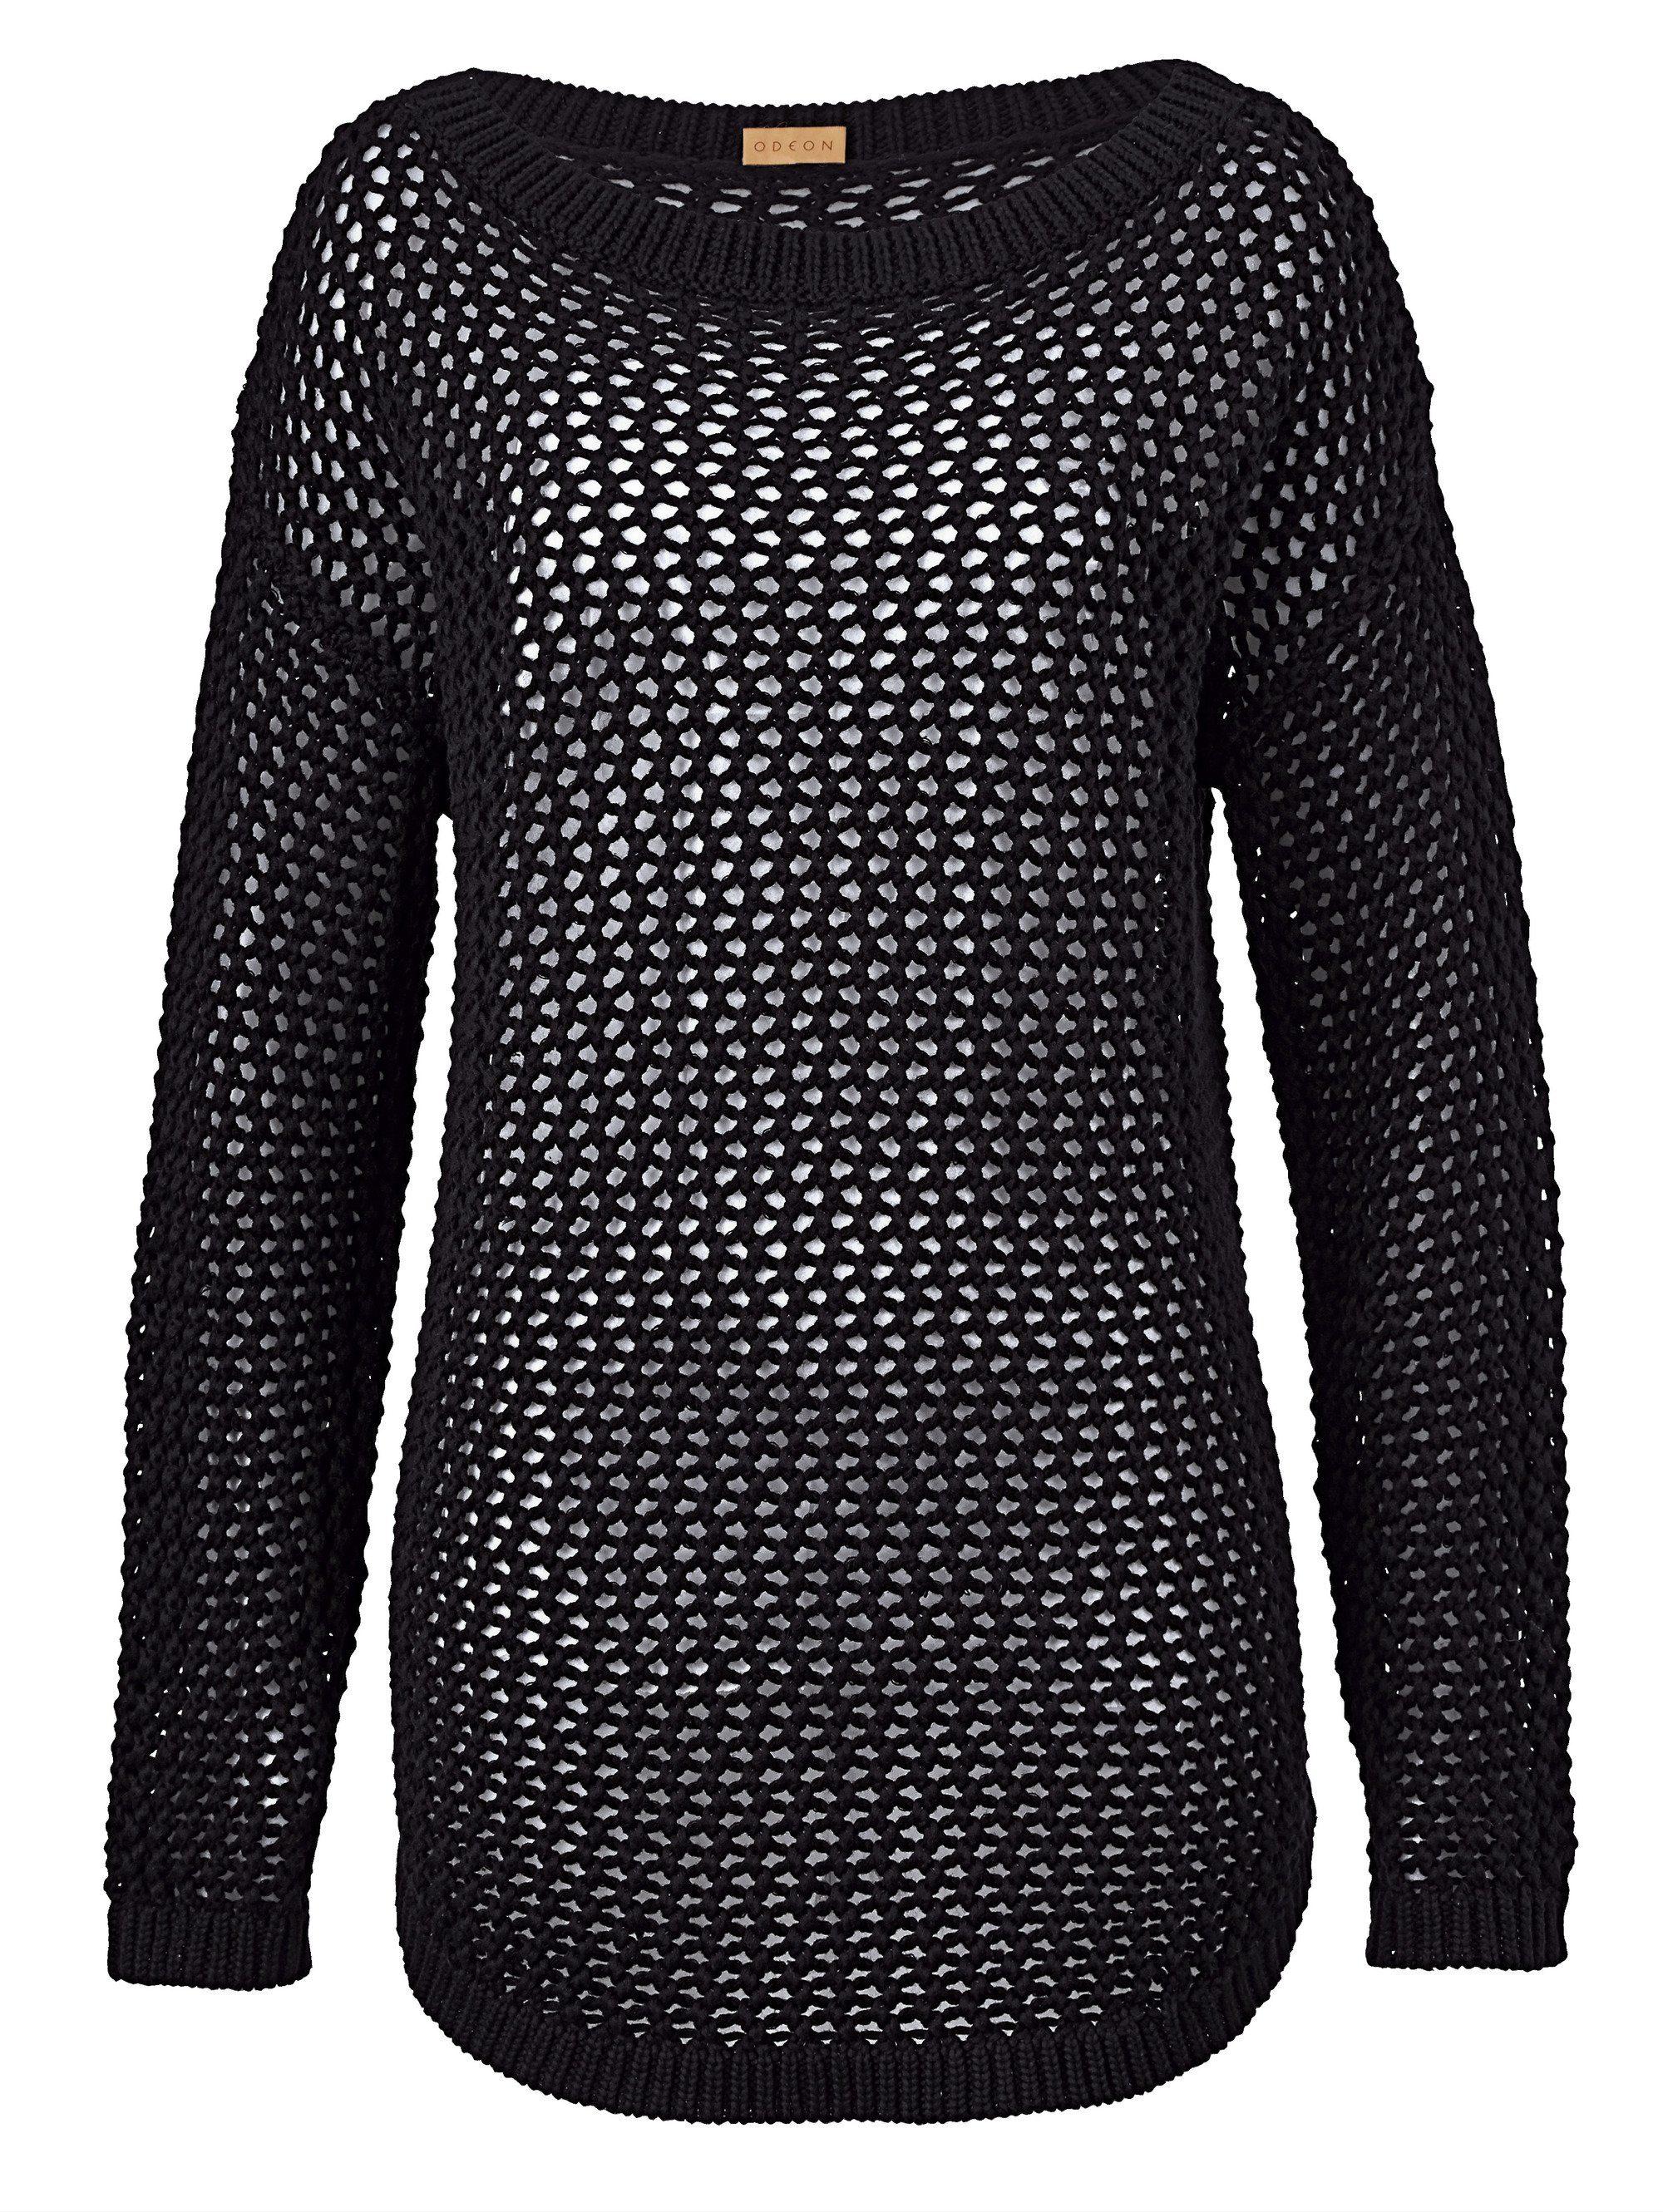 ODEON Pullover mit offener Struktur